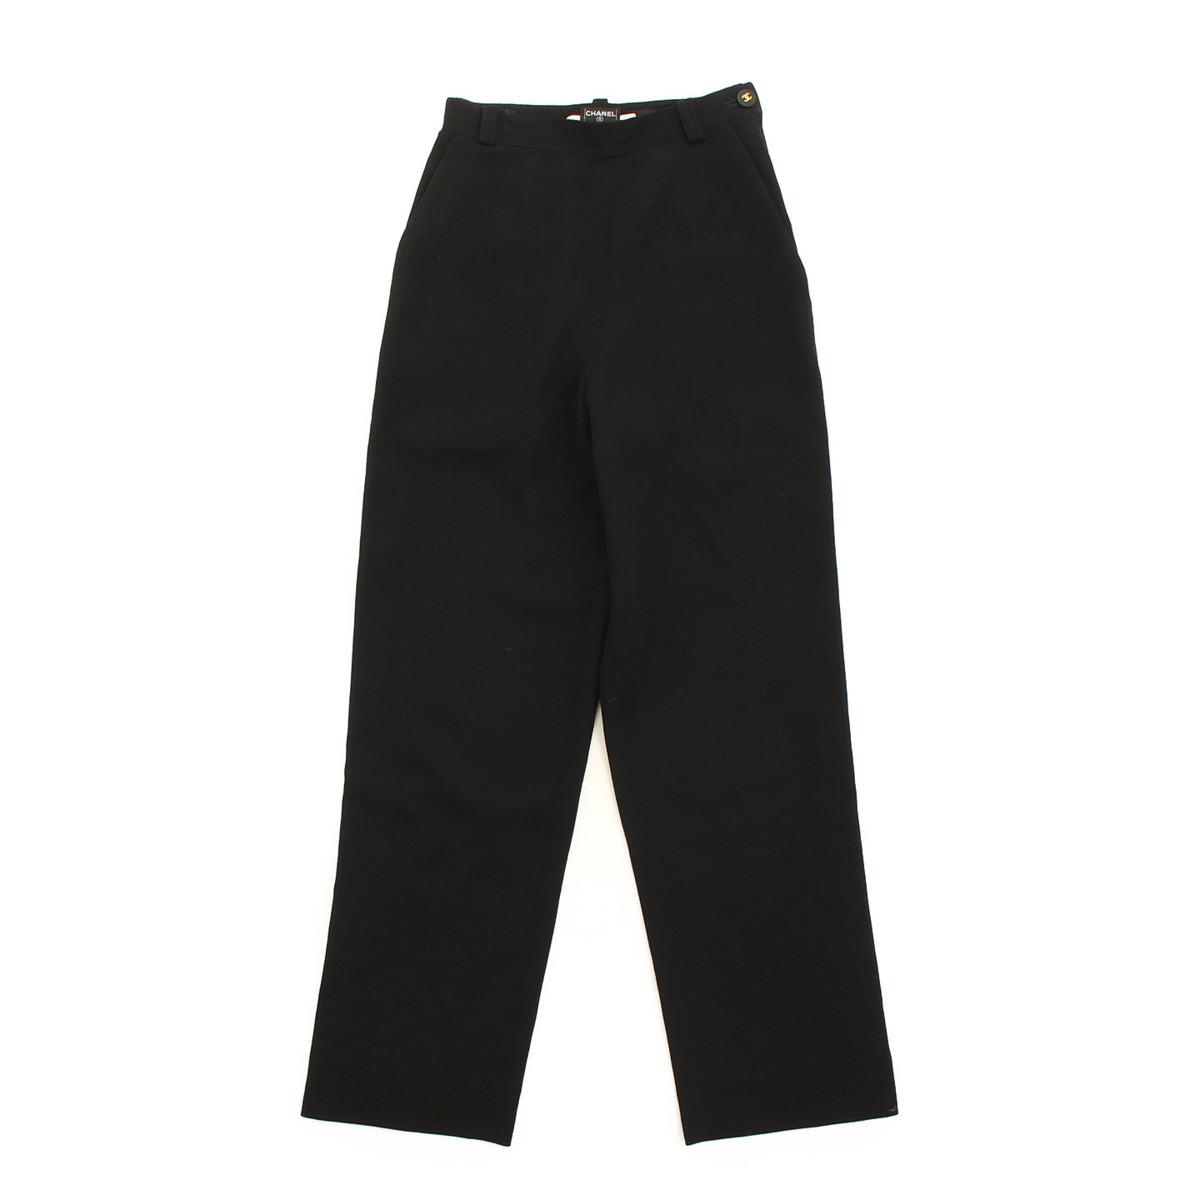 【シャネル】Chanel ウール パンツ ブラック 34 【中古】【鑑定済・正規品保証】【送料無料】36446